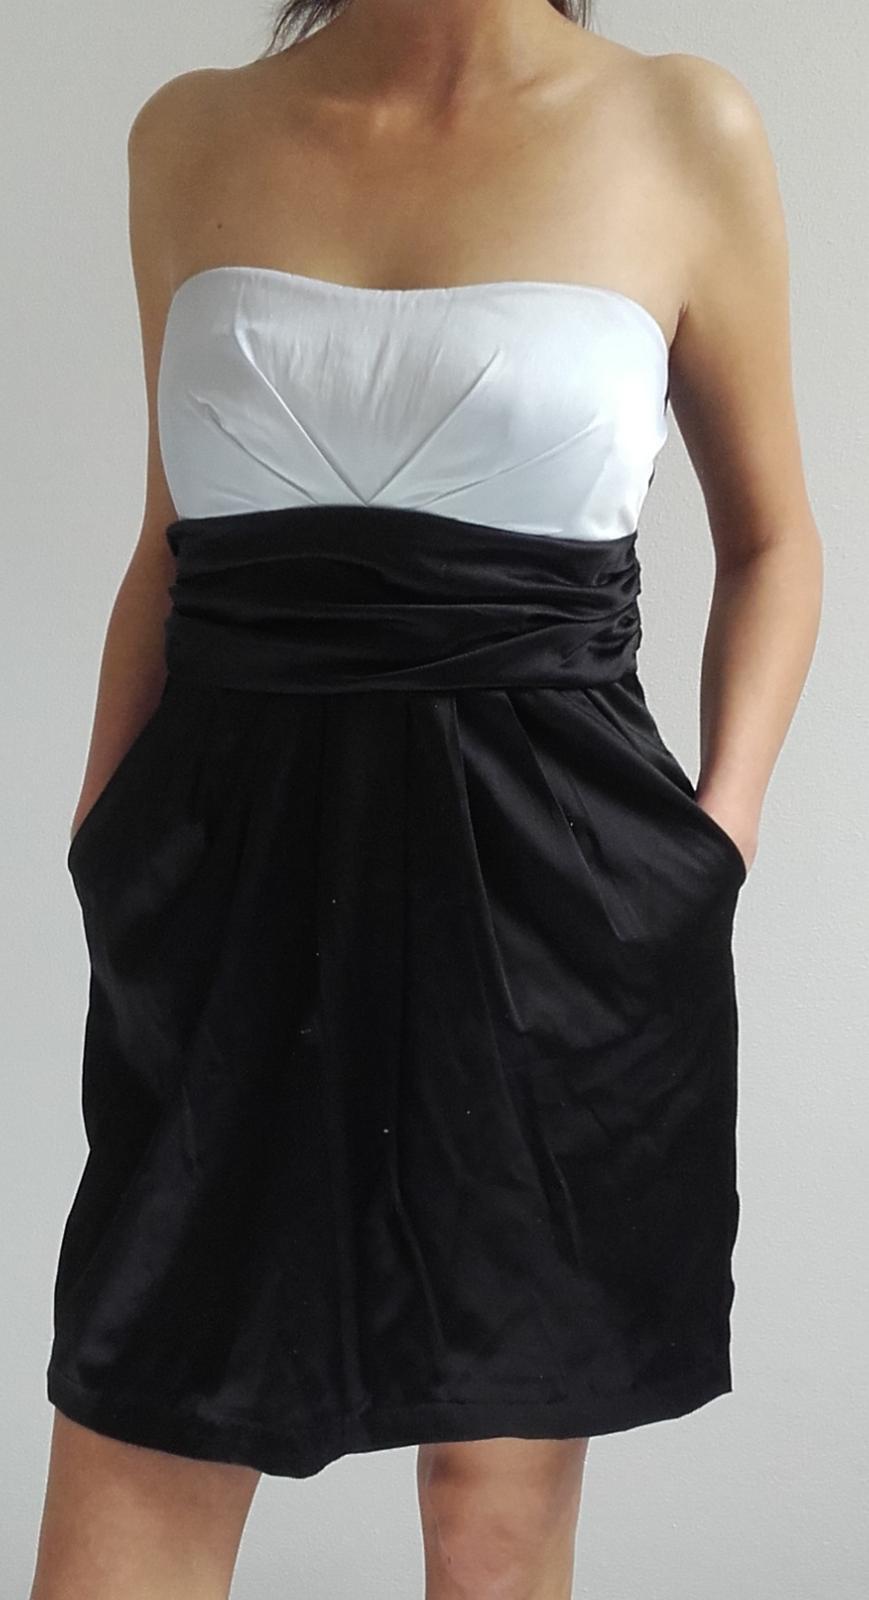 Šaty bíločerné s kapsami - Obrázek č. 1